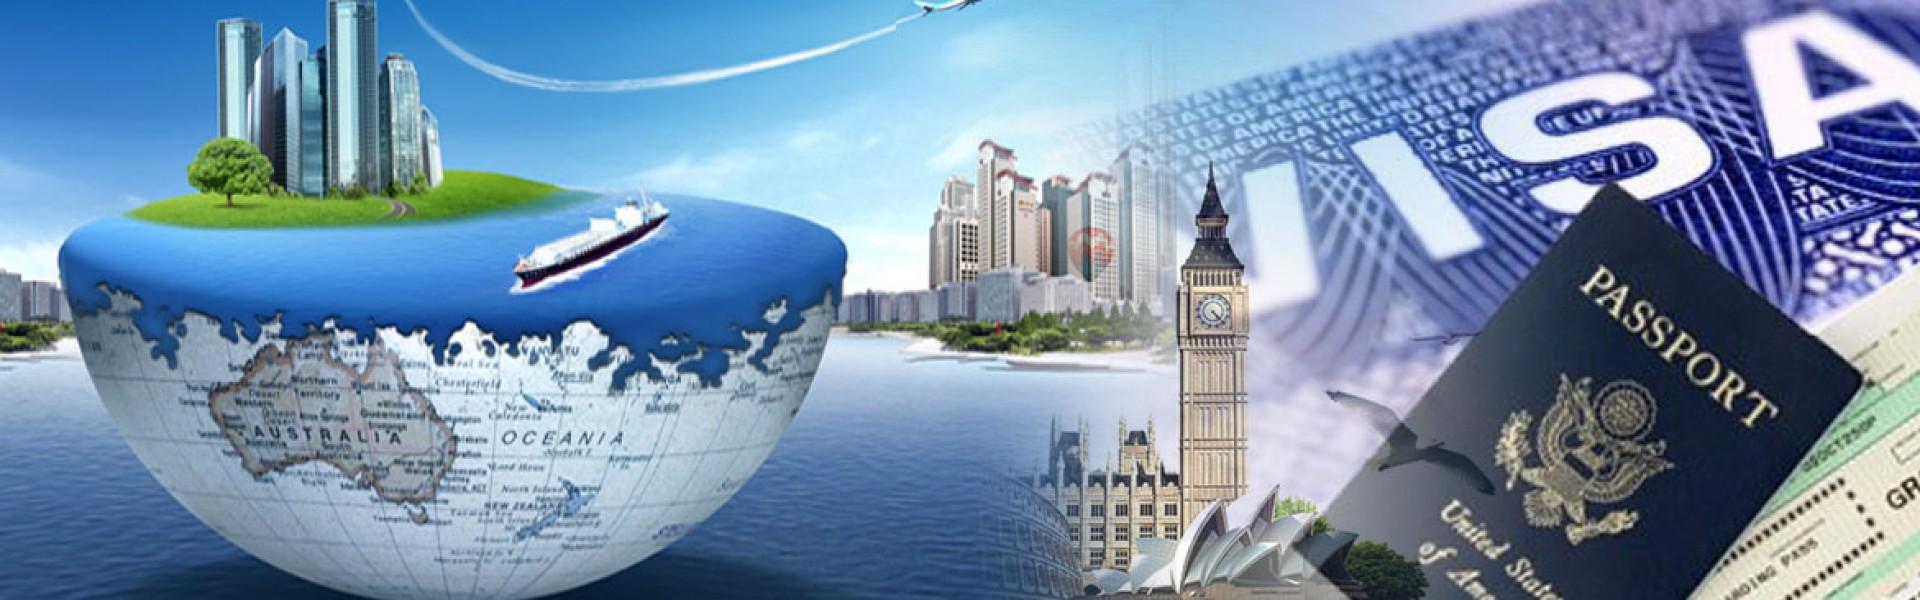 VISA SUBMISSION FOR UK, SCHENGEN, USA, TURKEY..